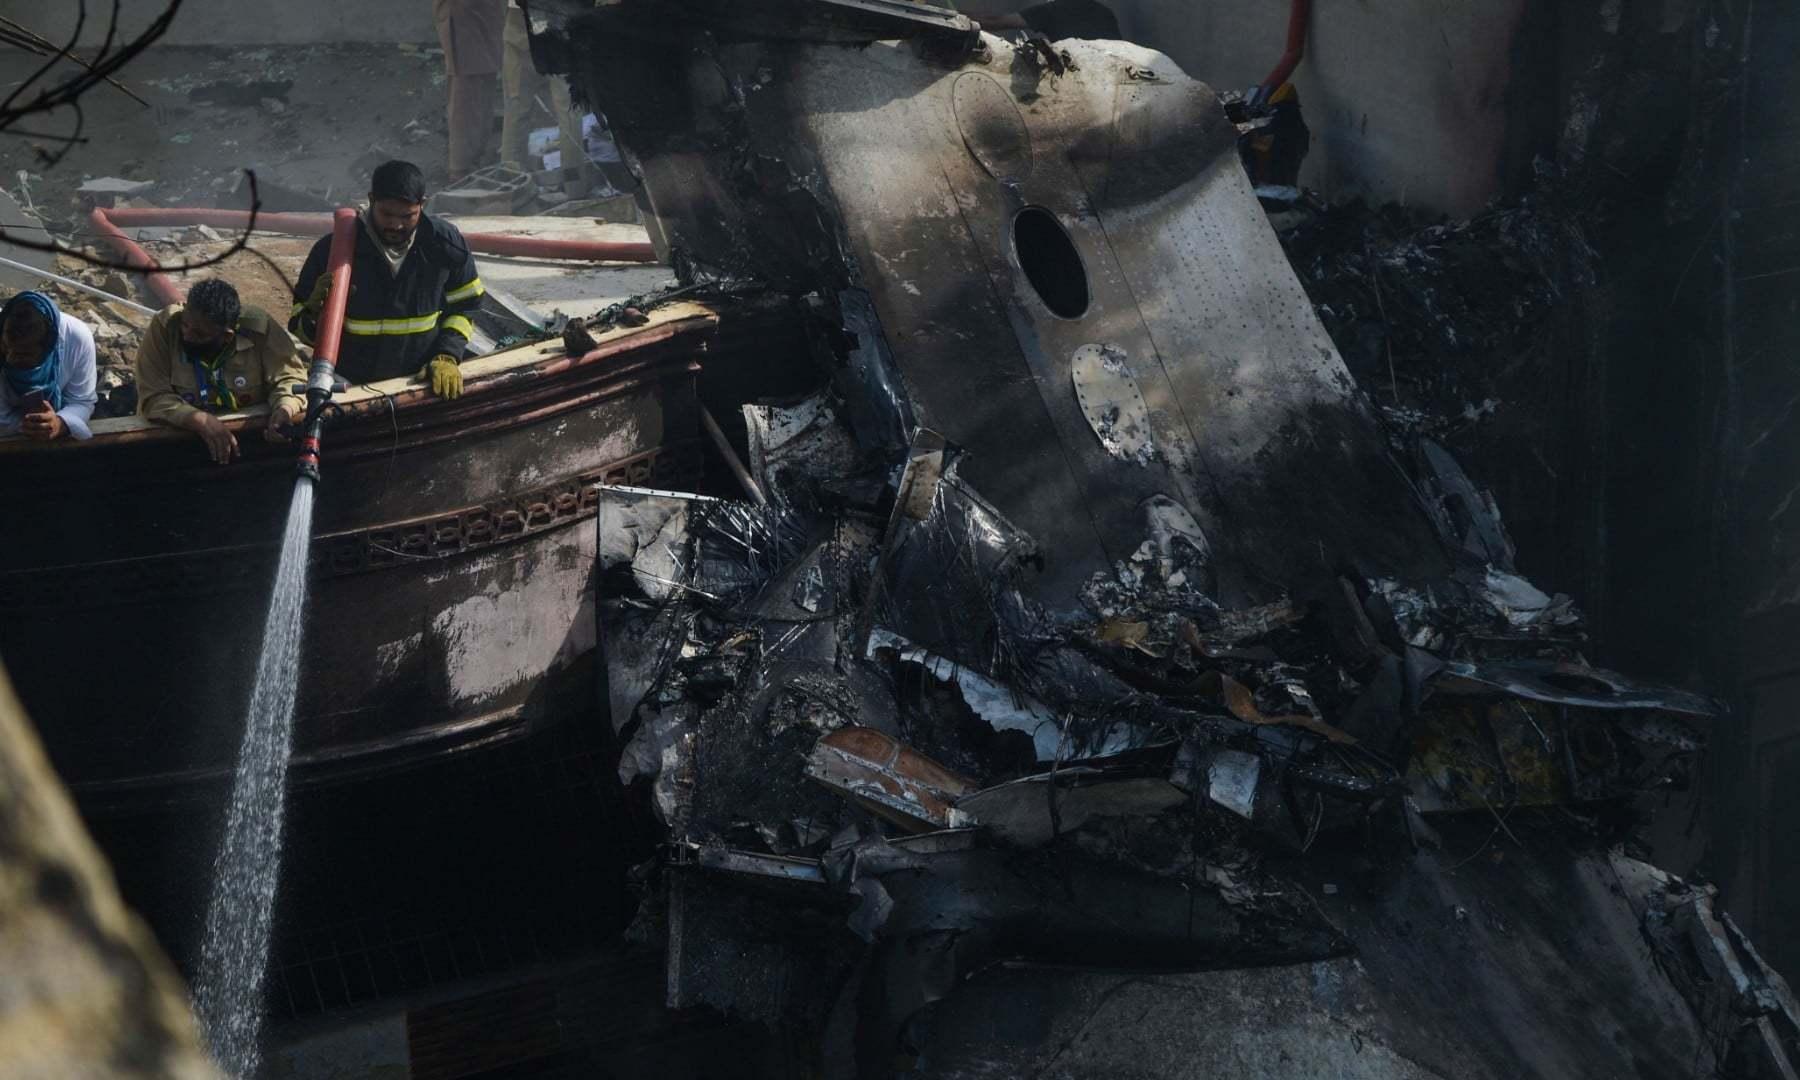 جہاز کے حادثے میں کئی گھر تباہ ہوئے—فوٹو:اے ایف پی